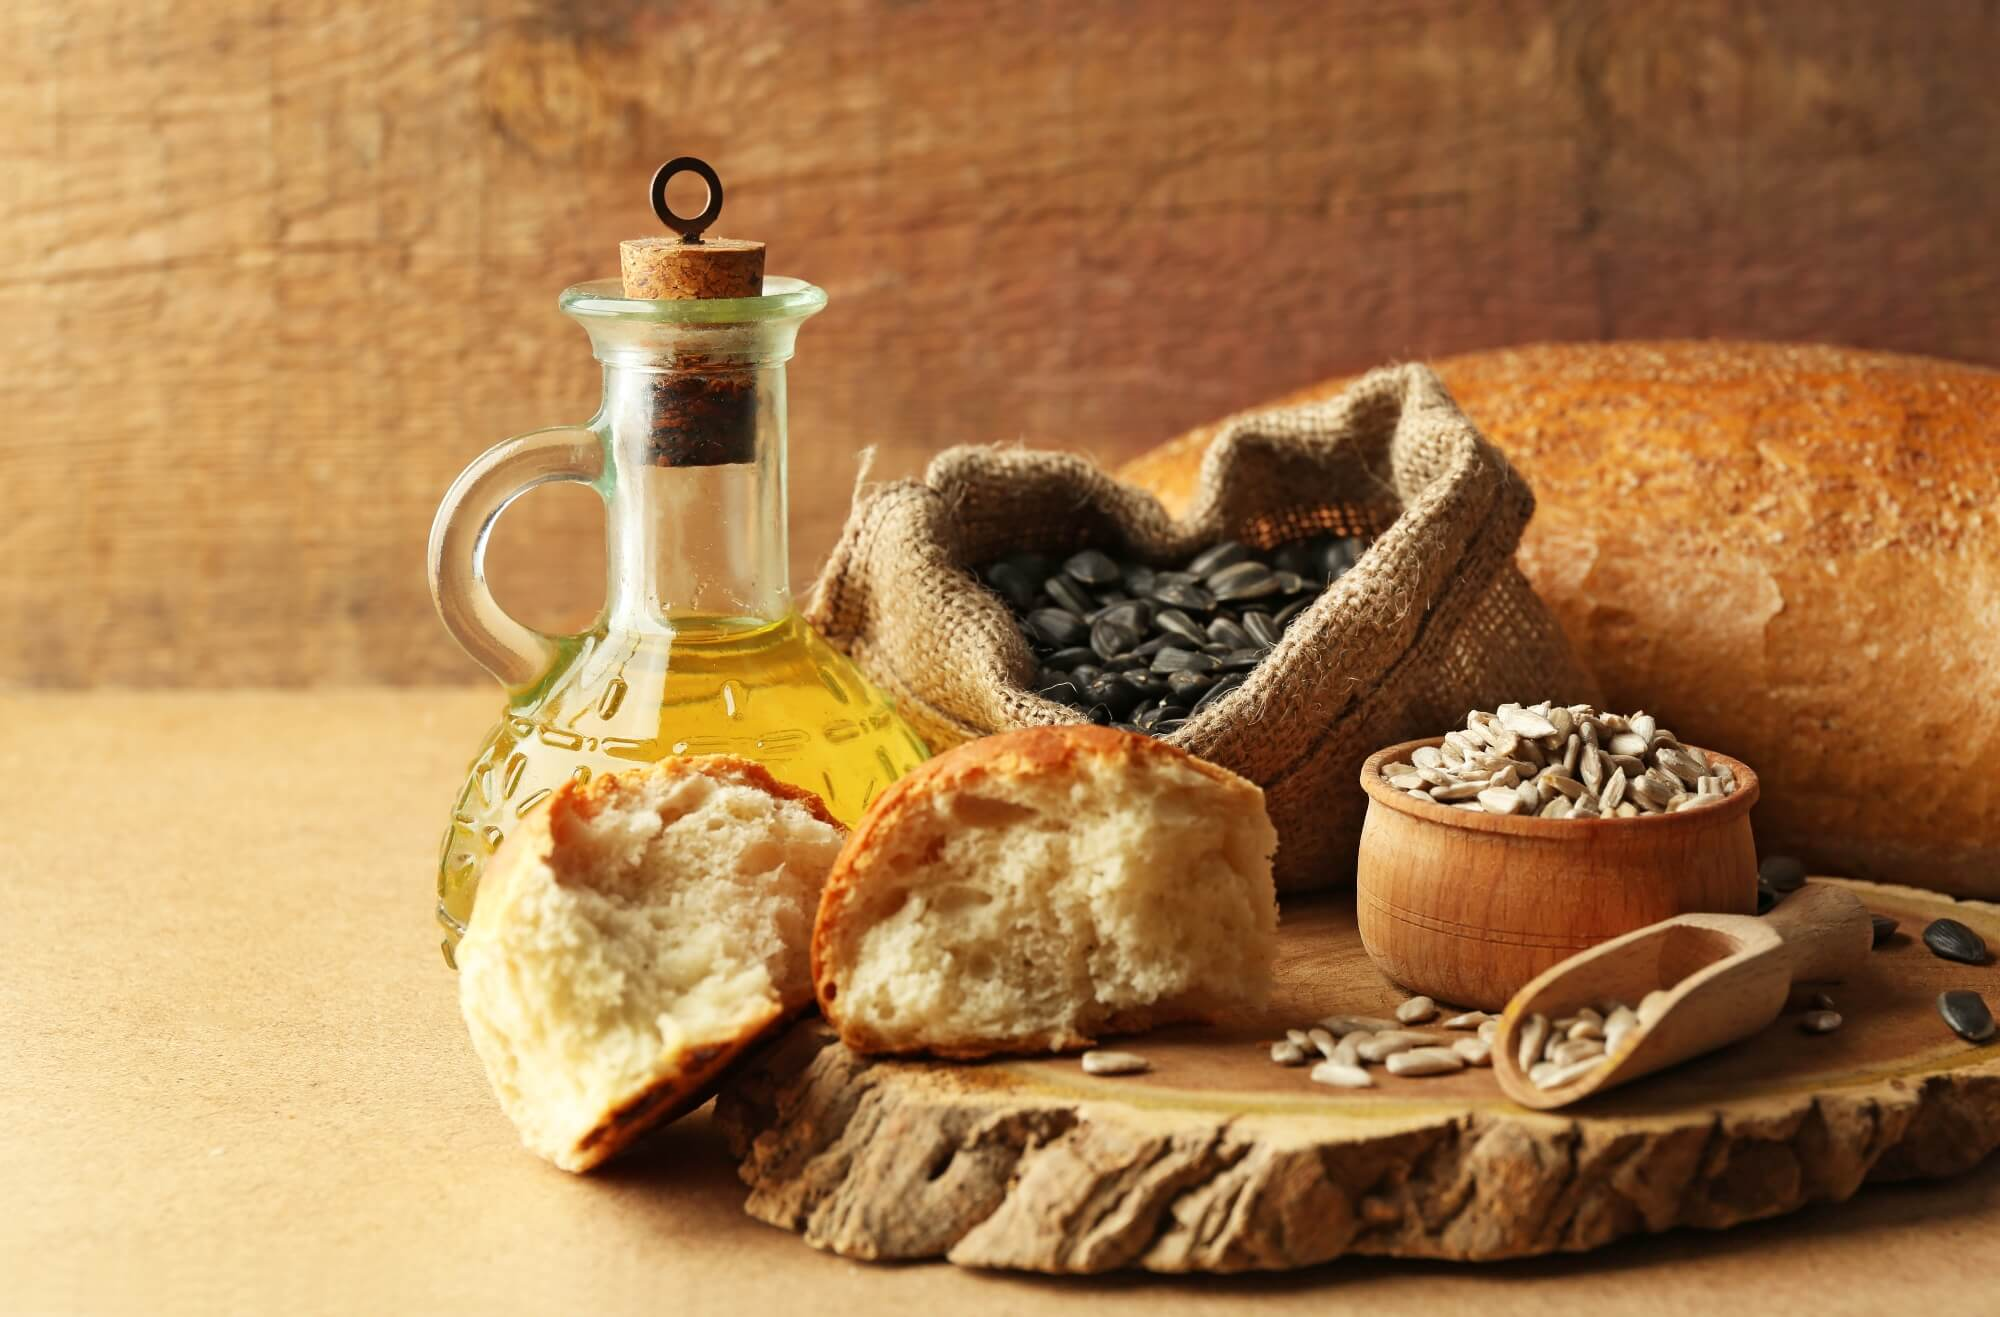 RBDW High Oleic Sunflower oil